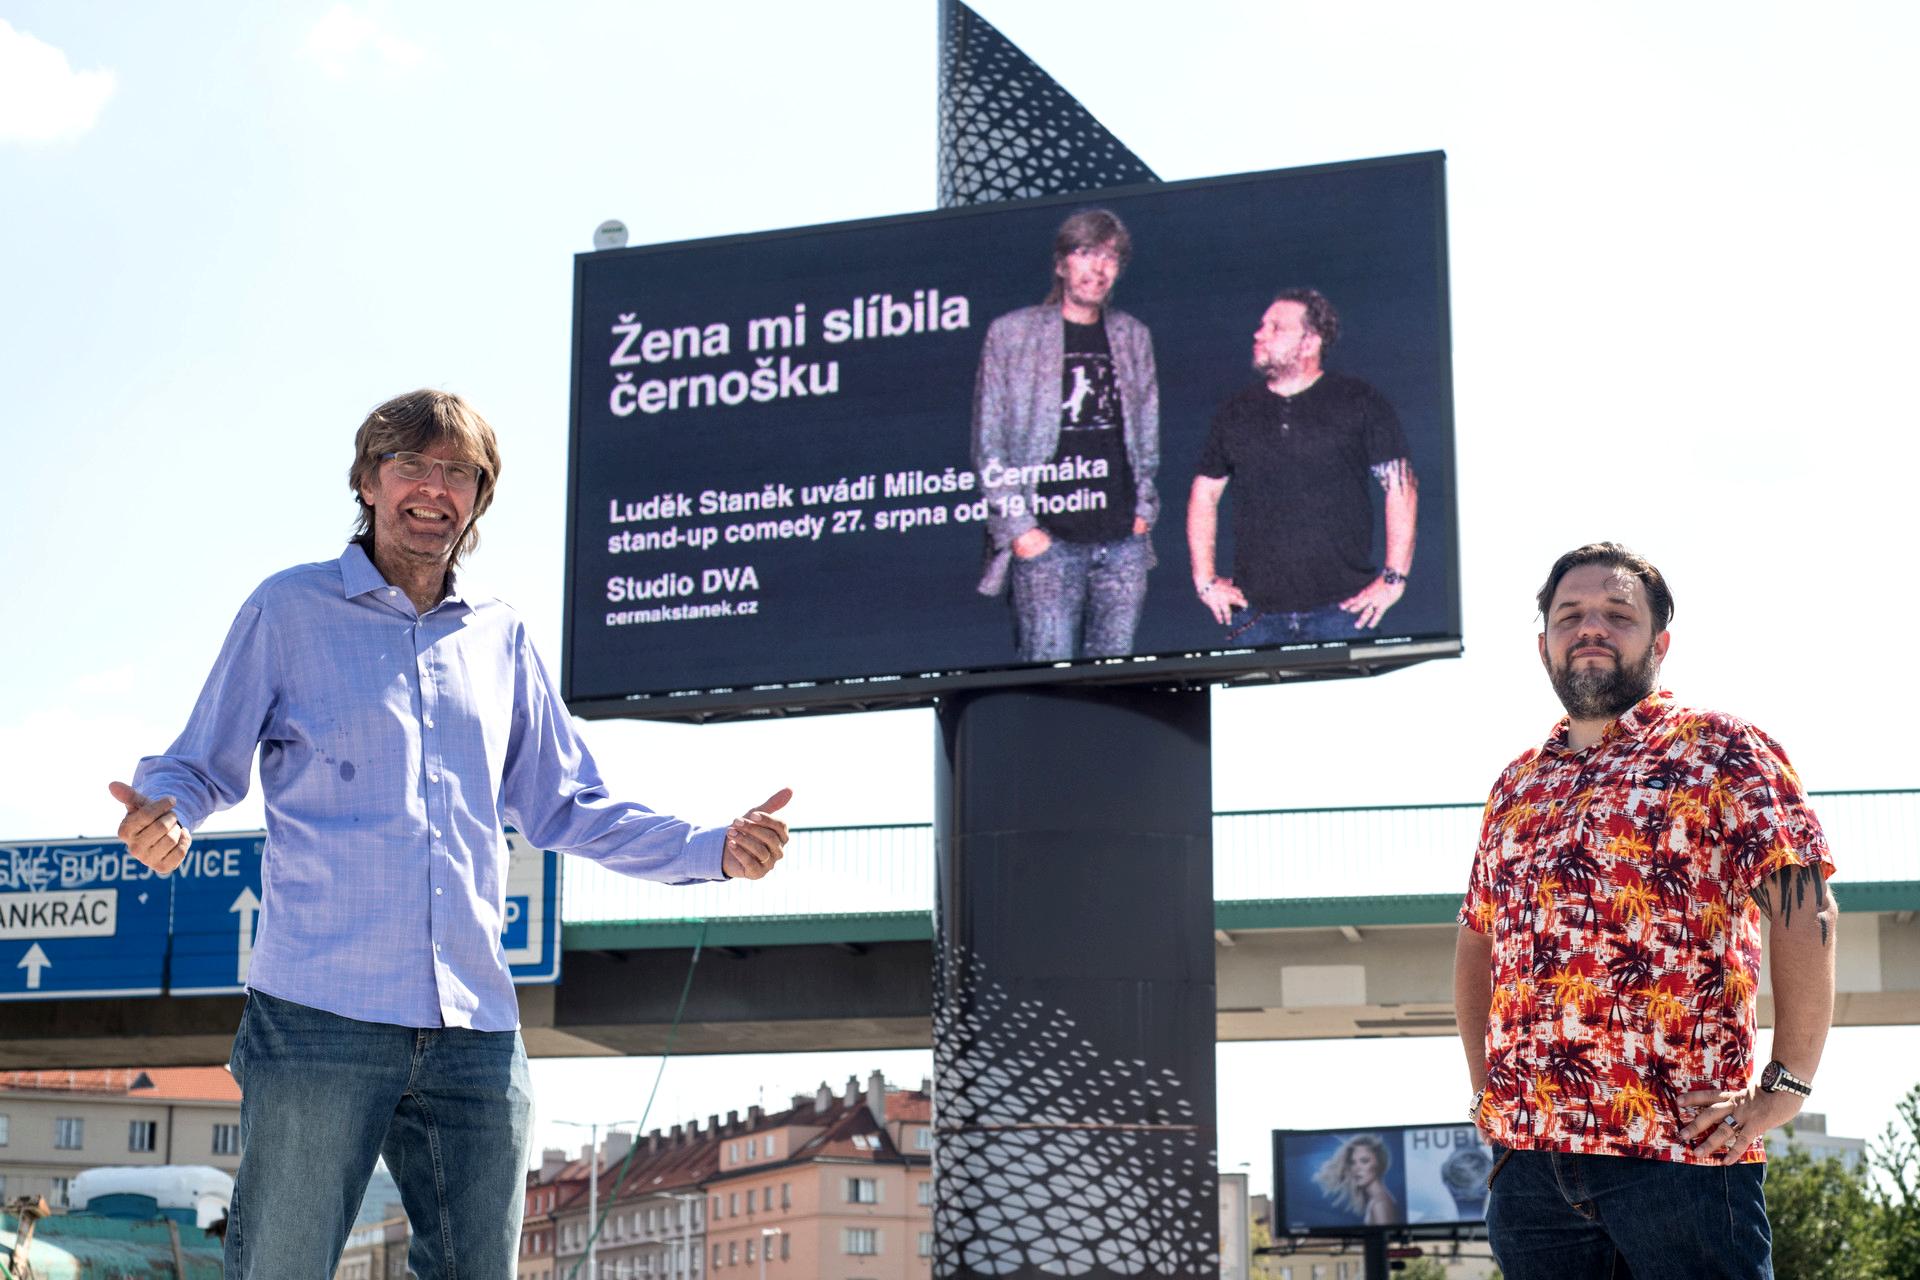 Miloš Čermák, Luděk Staněk: Dobrý vtip vždycky někoho urazí